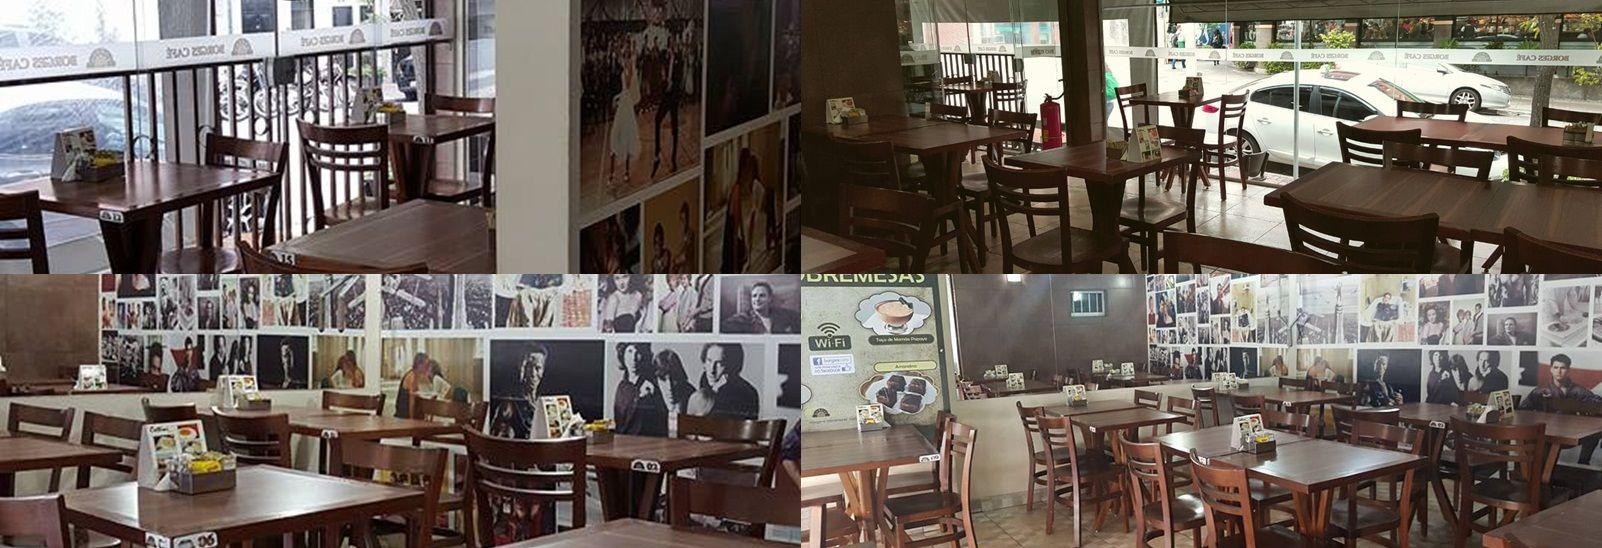 Cafeteria com ótimas instalações e bom faturamento região Sul de São Paulo